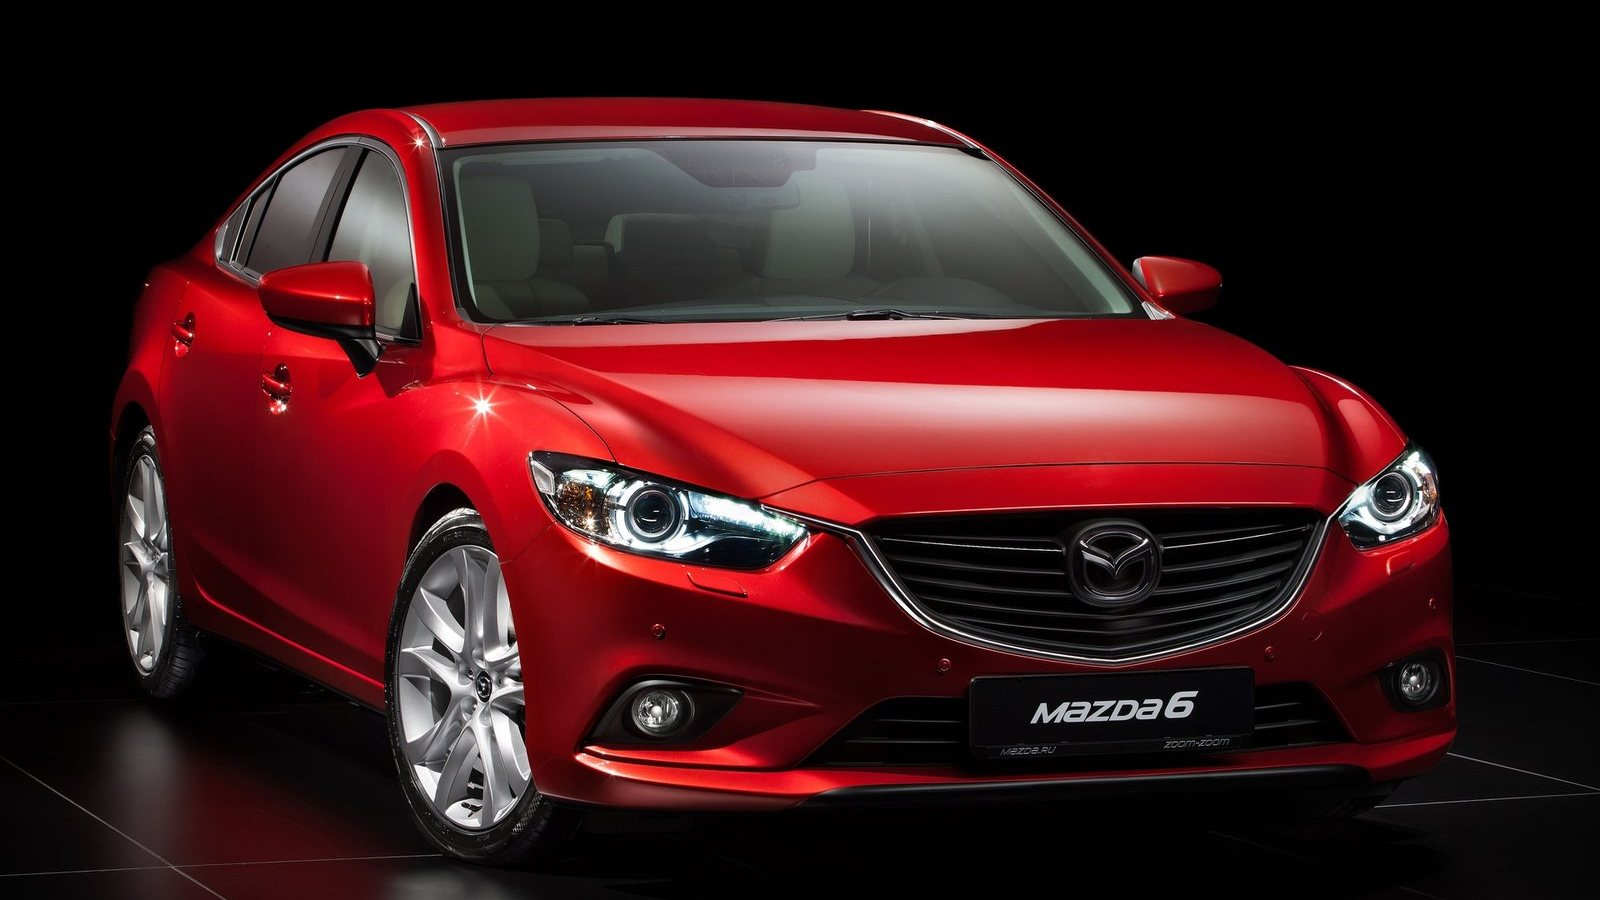 http://2.bp.blogspot.com/-vS6h-jL4USA/UD5lkJv16pI/AAAAAAAAFPw/cb_APfF0DhA/s1600/Mazda-6_Sedan_2013_1600x1200_wallpaper_07.jpg